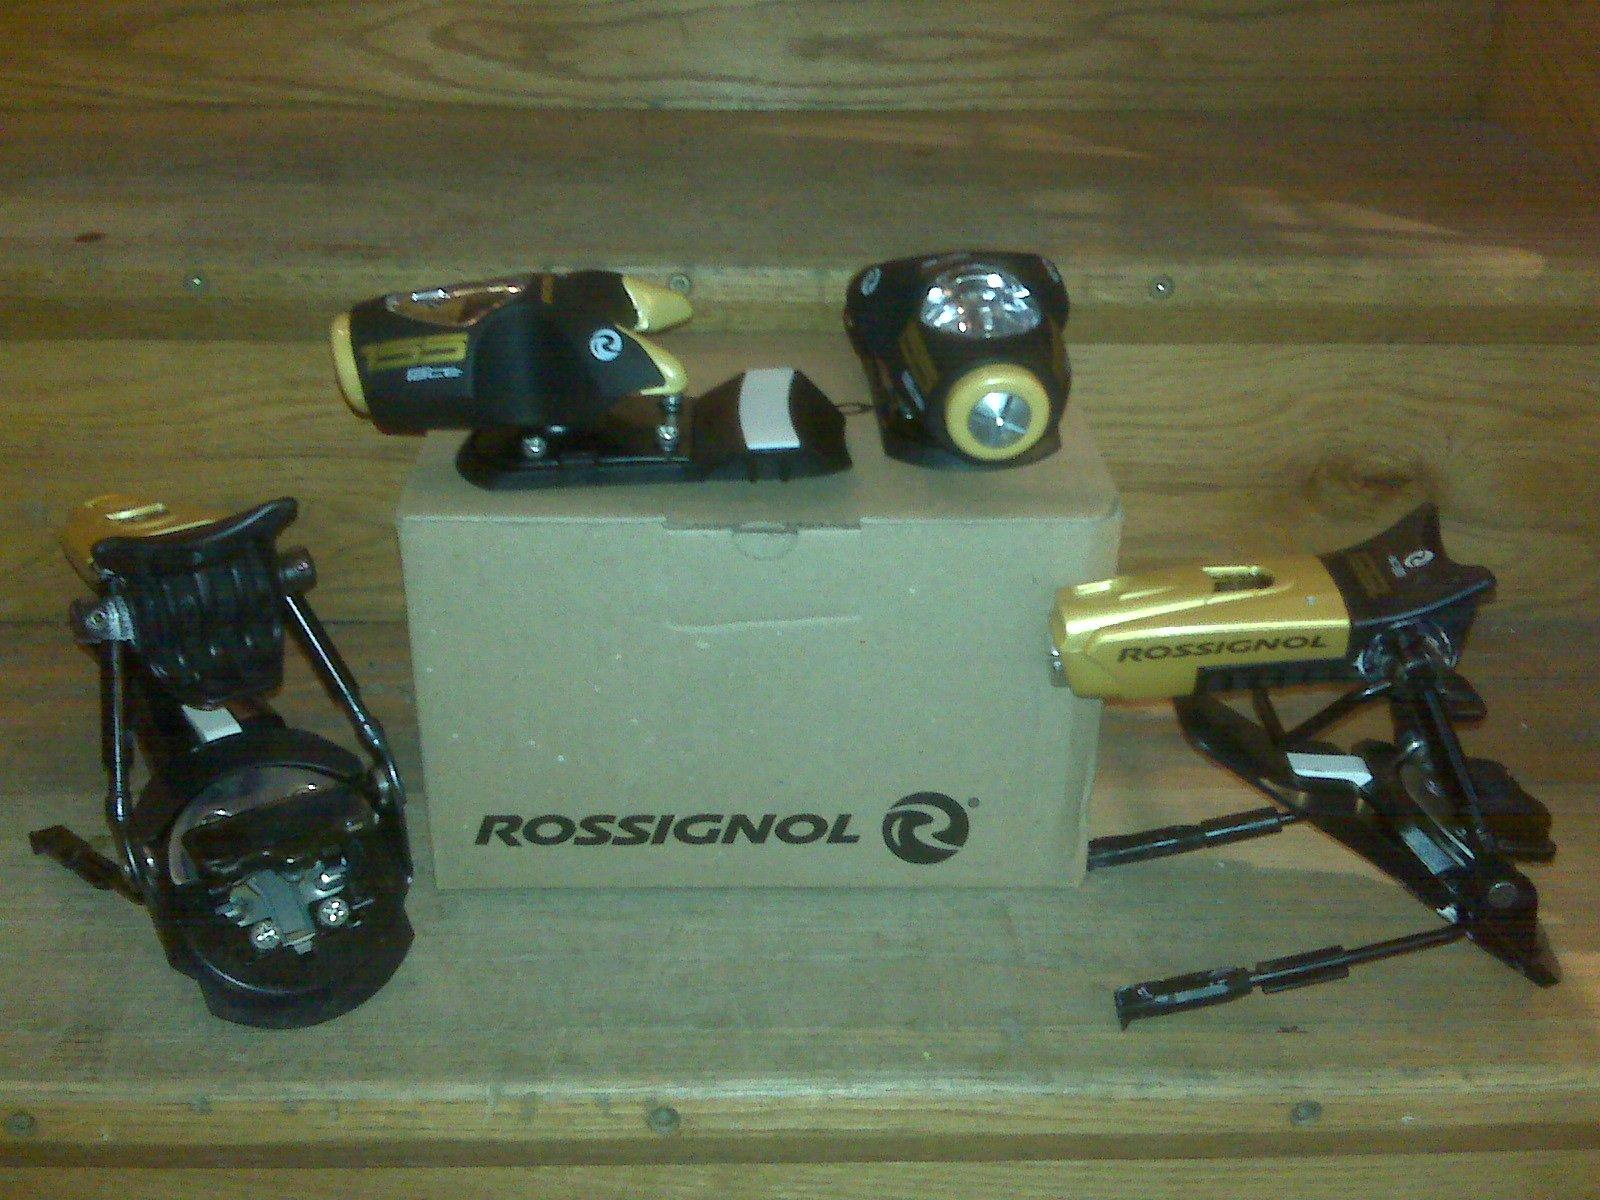 Rossi fks 155